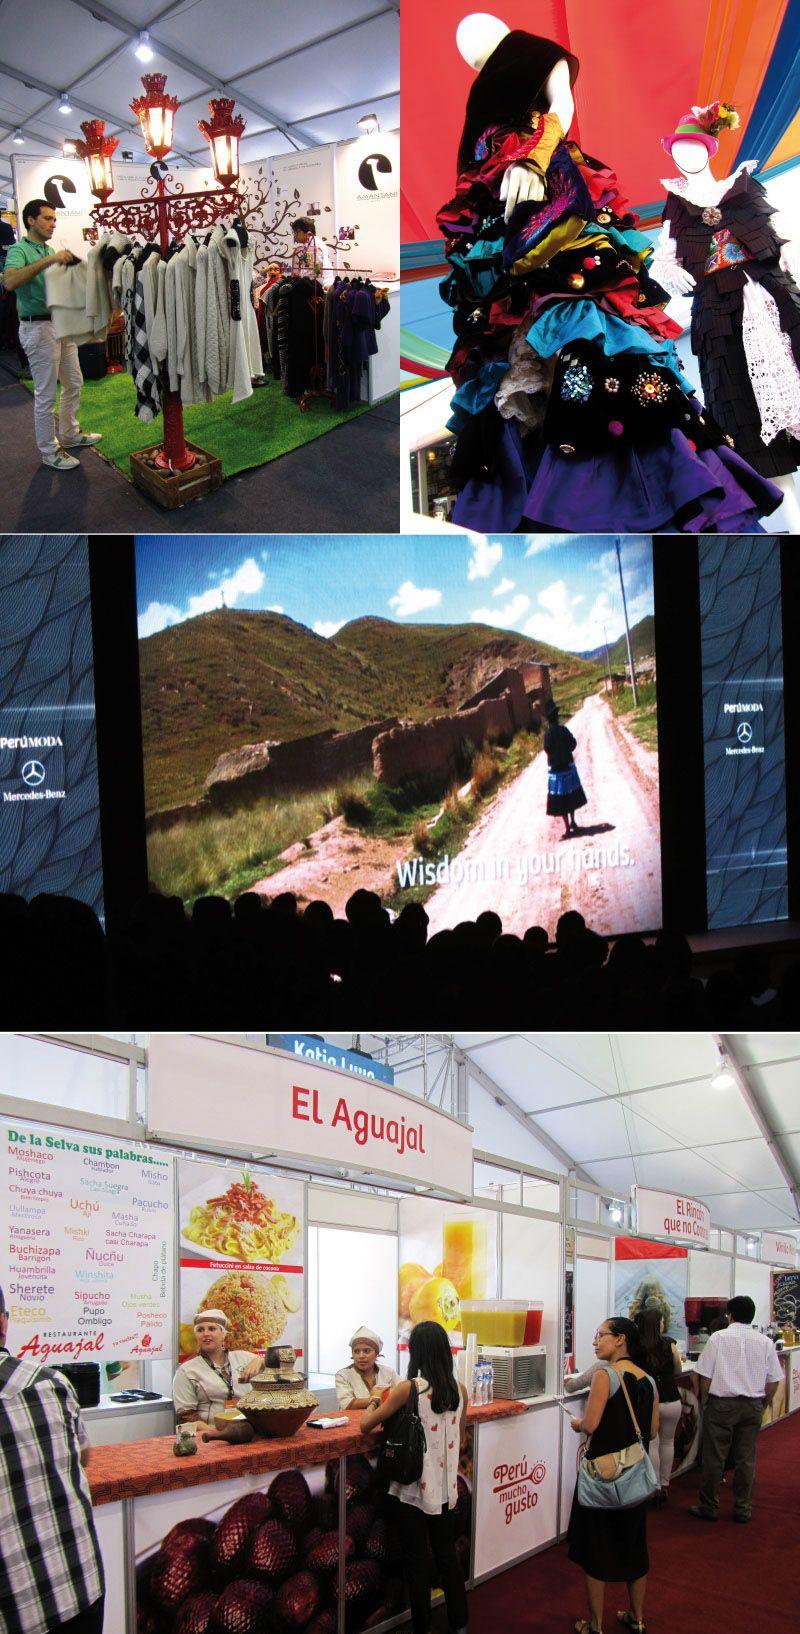 Perú Mod y Perú Gift Show 2014 en la Costa Verde de Magdalena http://www.placeok.com/peru-moda-peru-gift-show-2014/